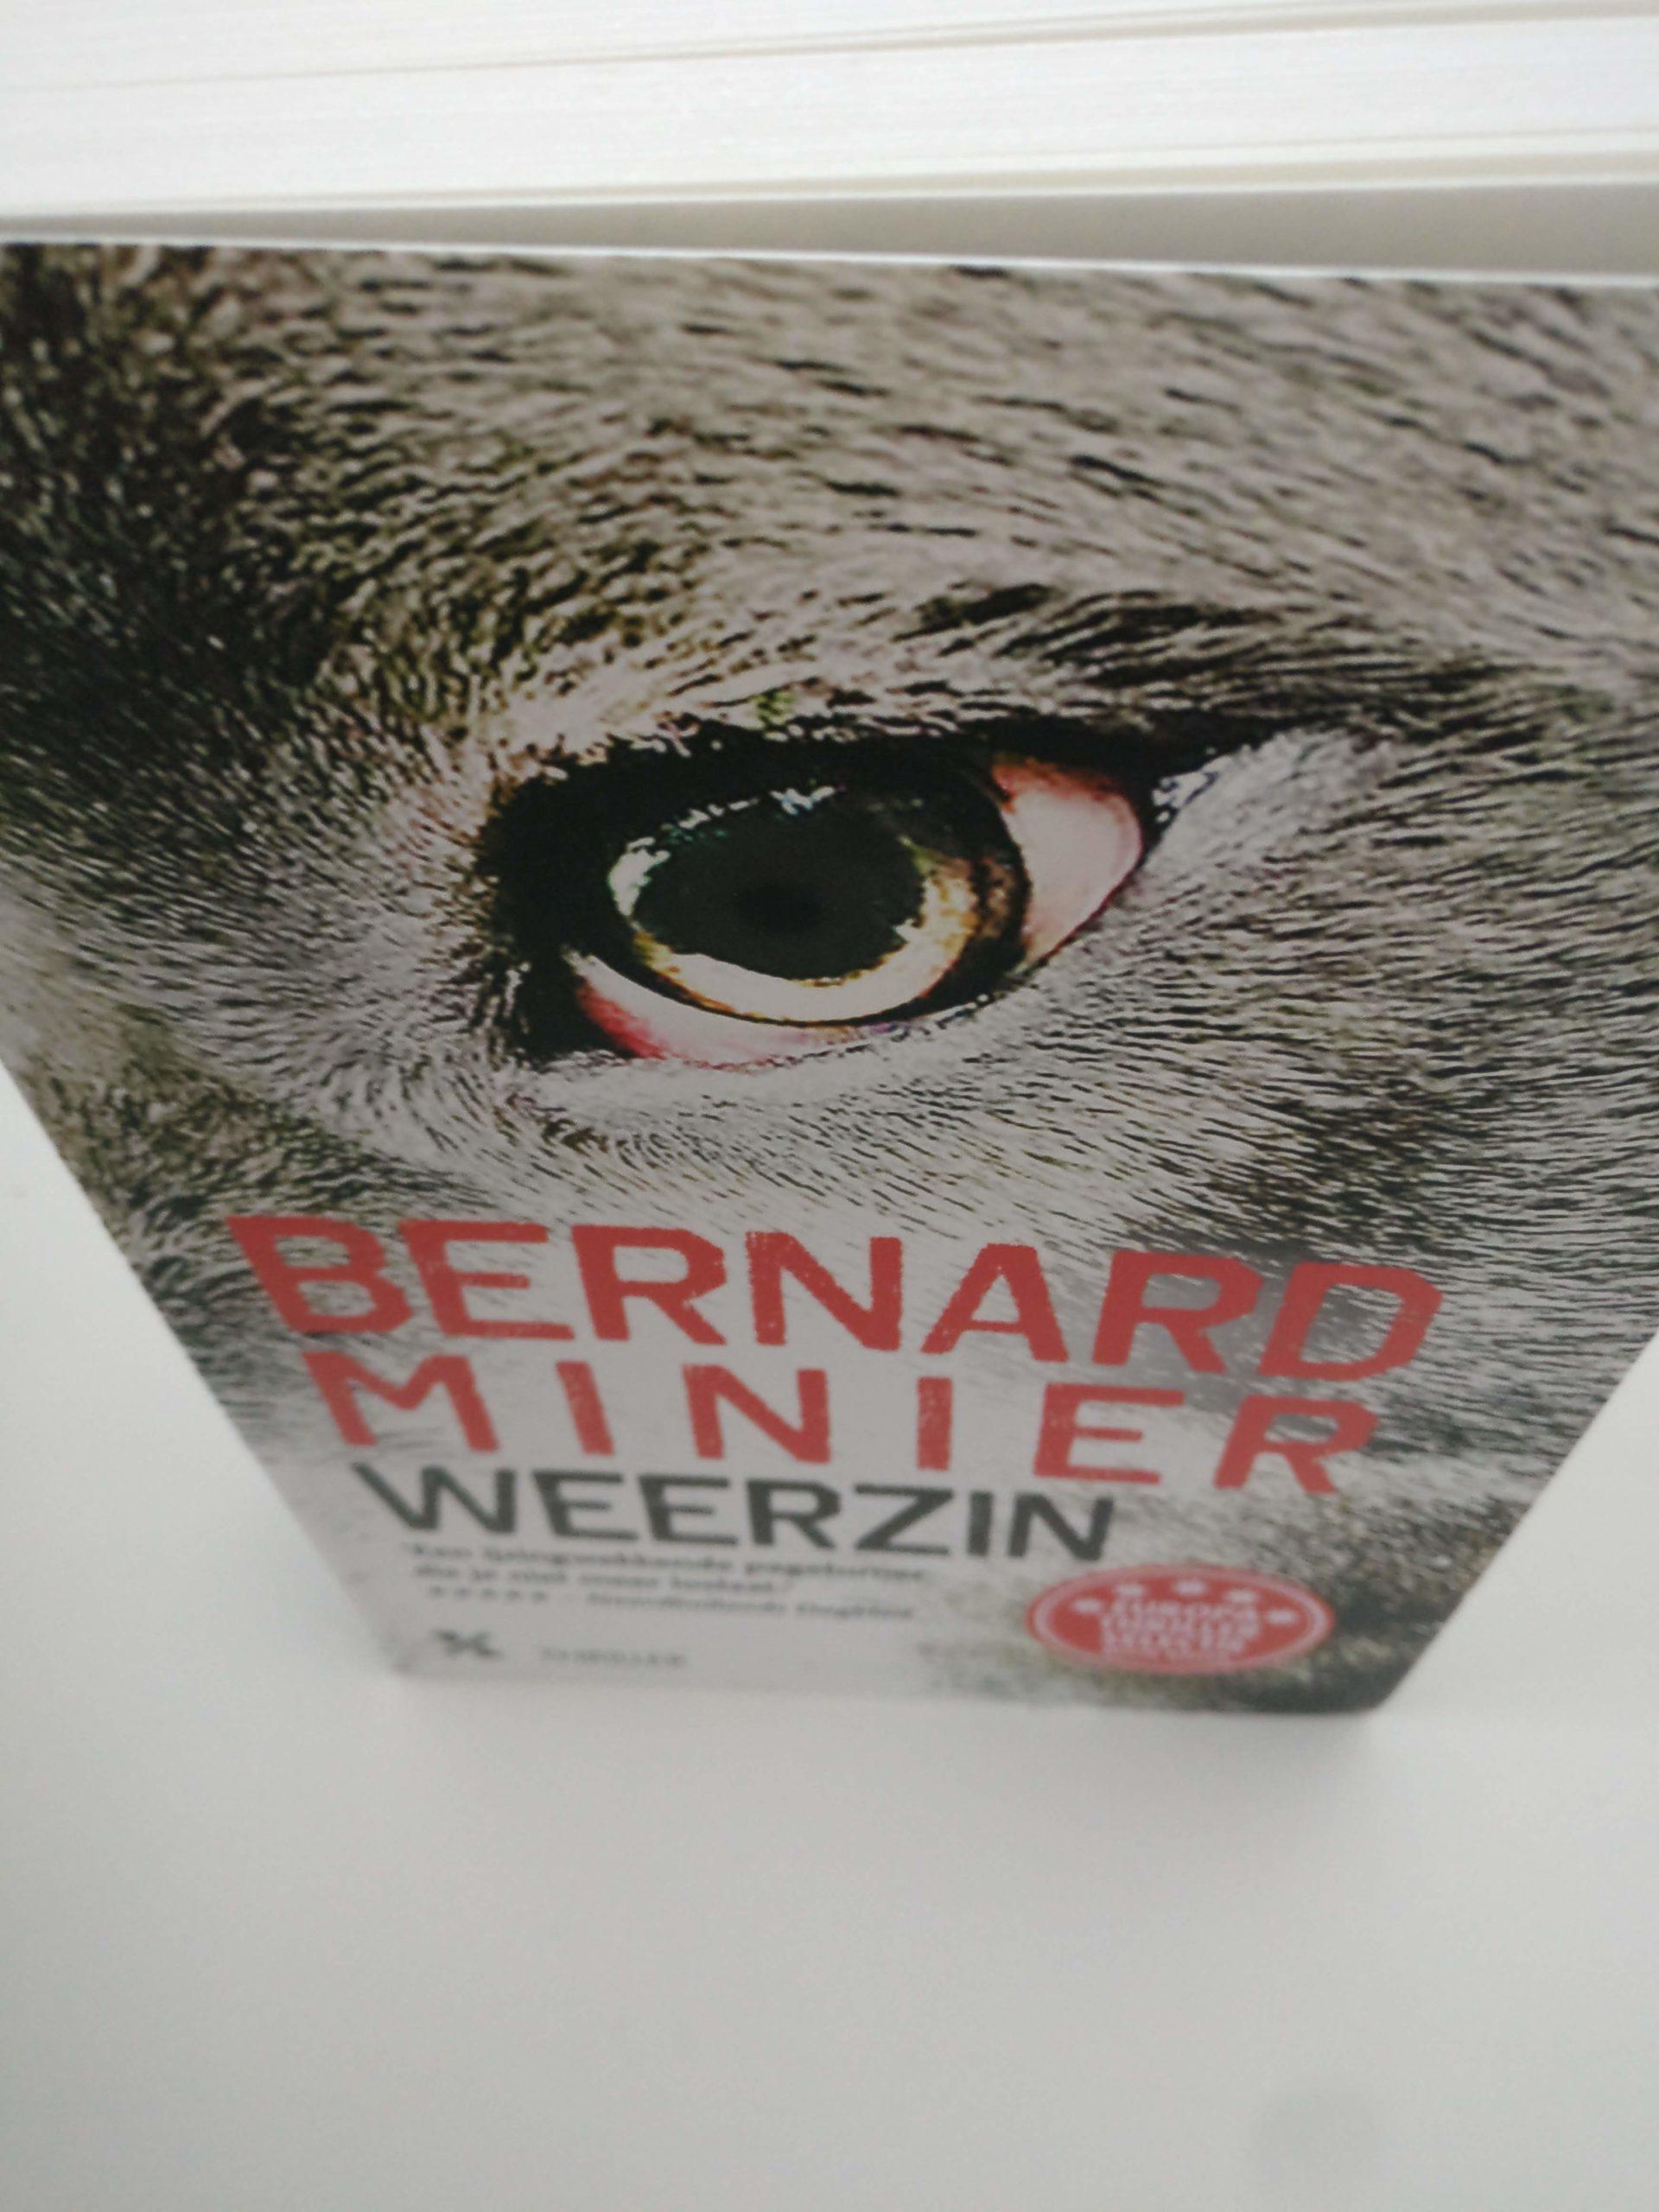 Weerzin - Bernard Minier